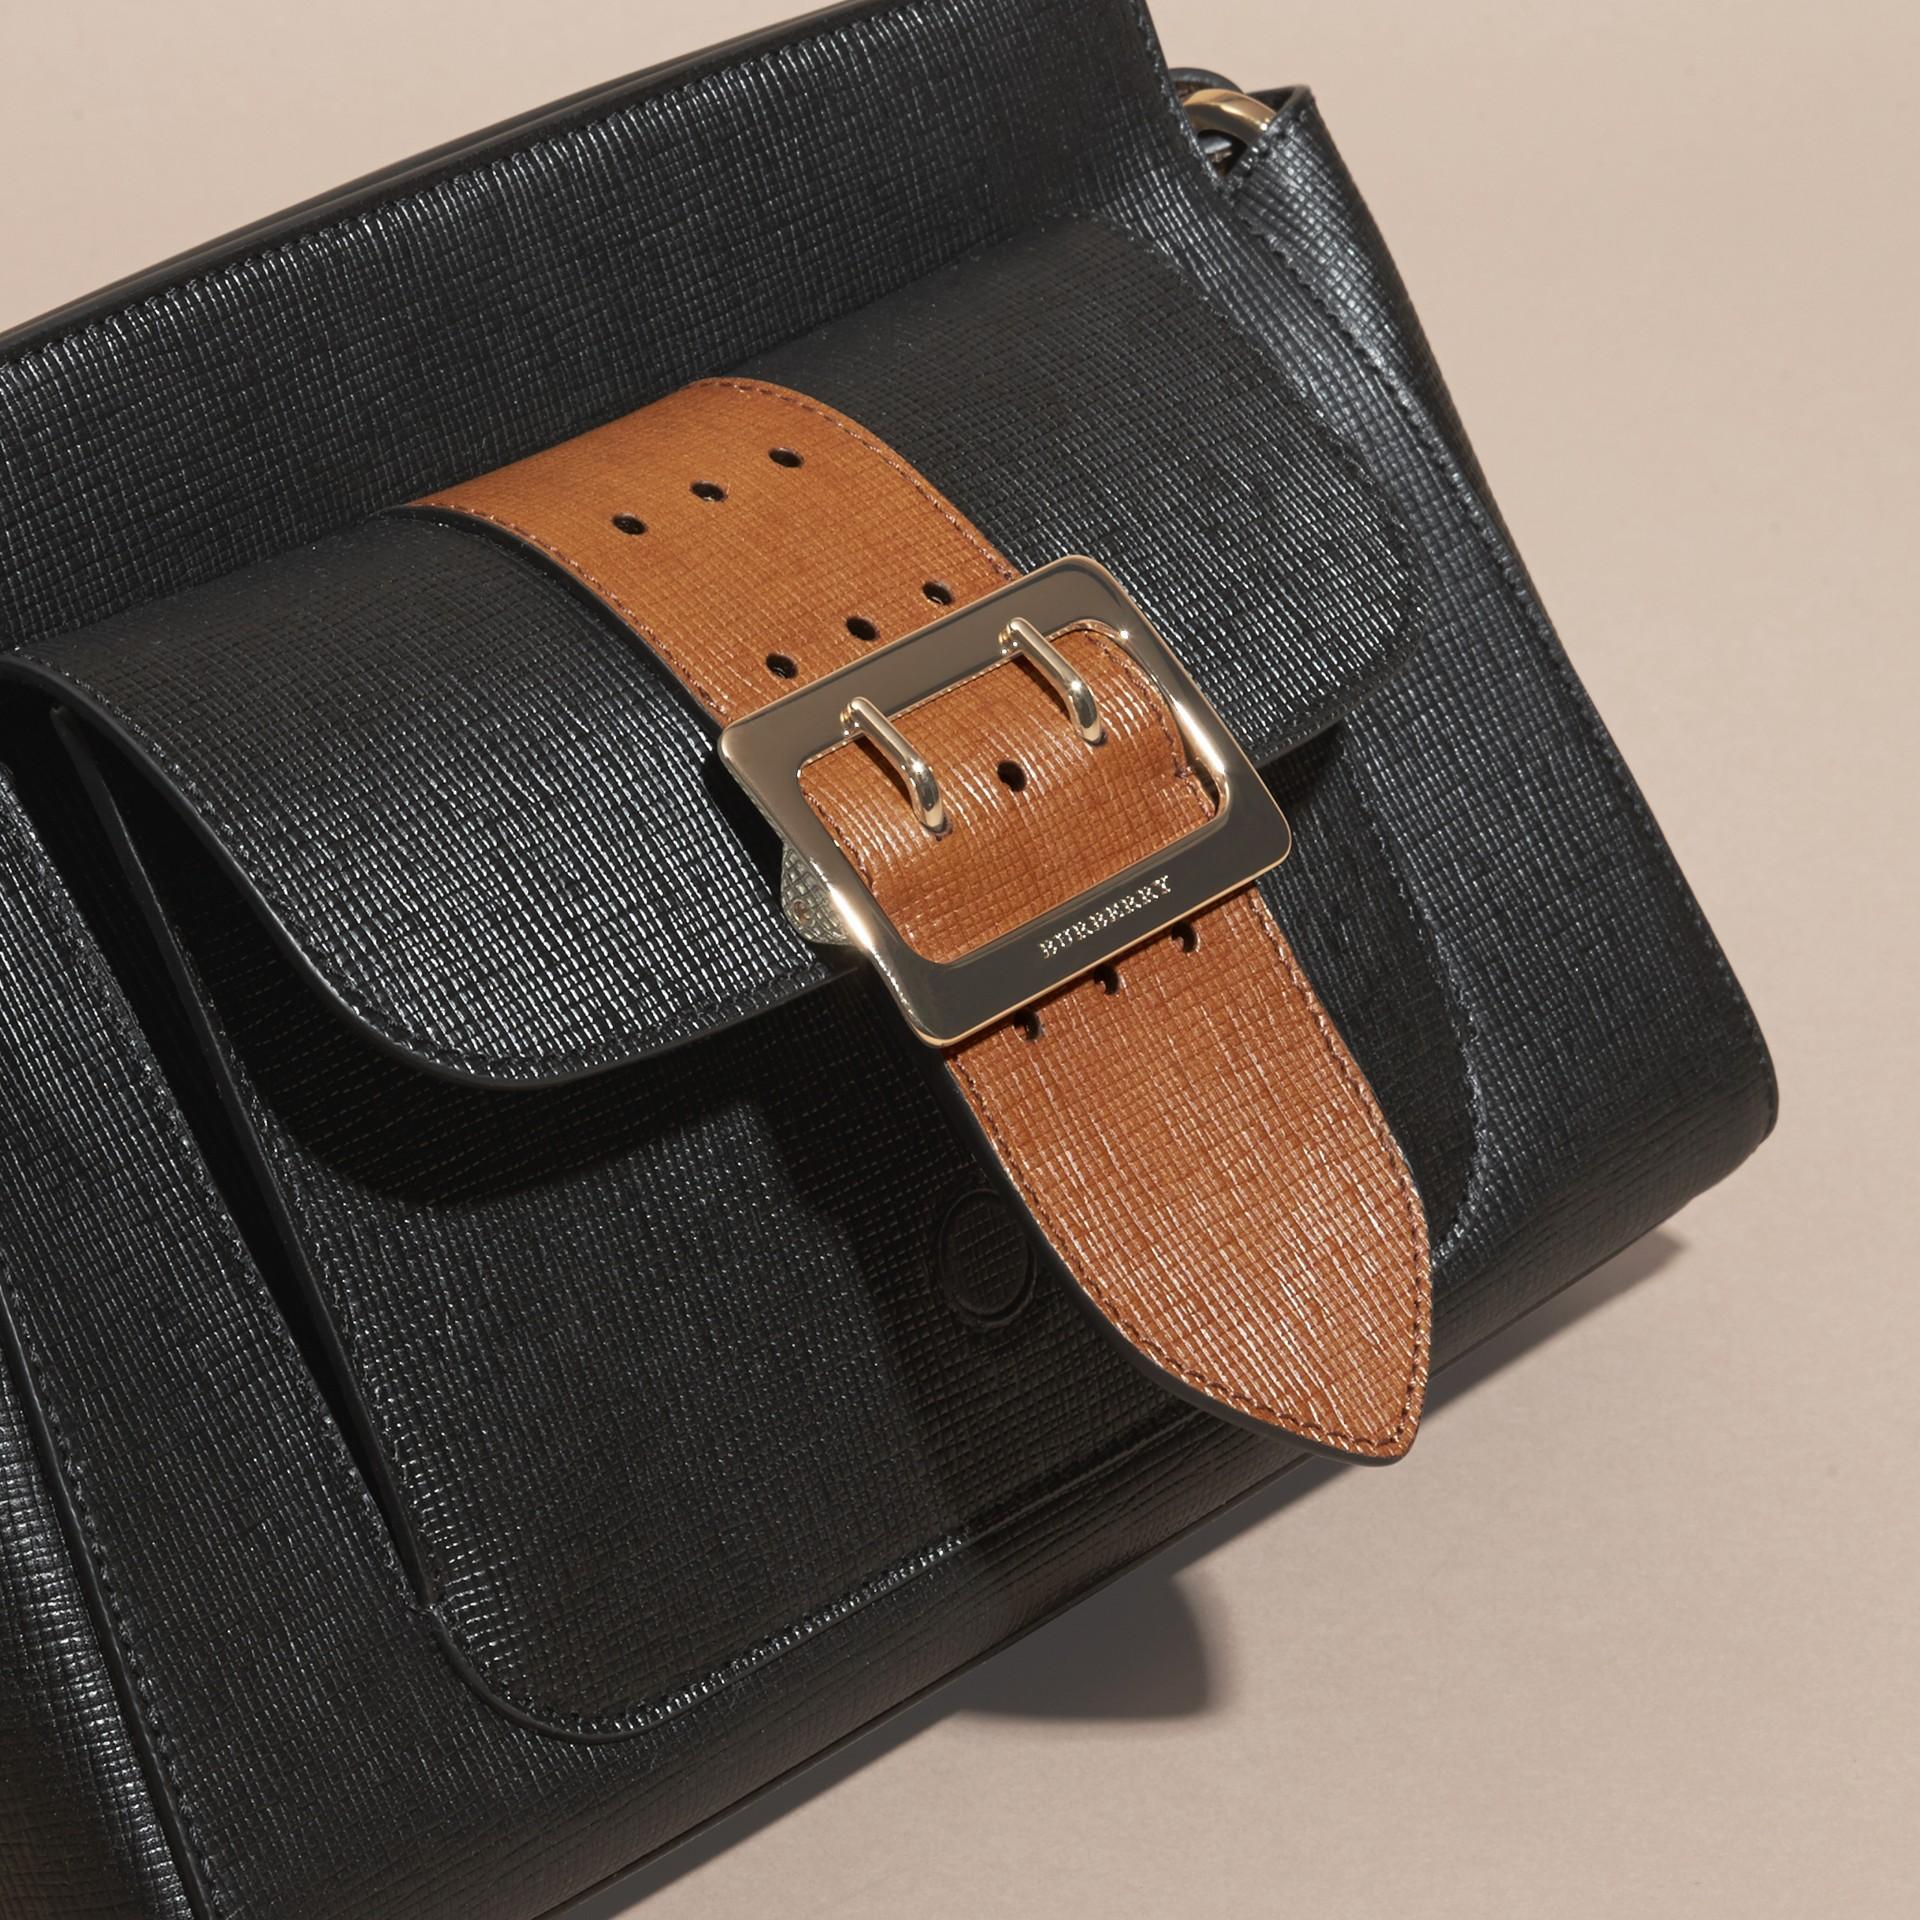 Черный Сумка-клатч Saddle из текстурной кожи - изображение 8